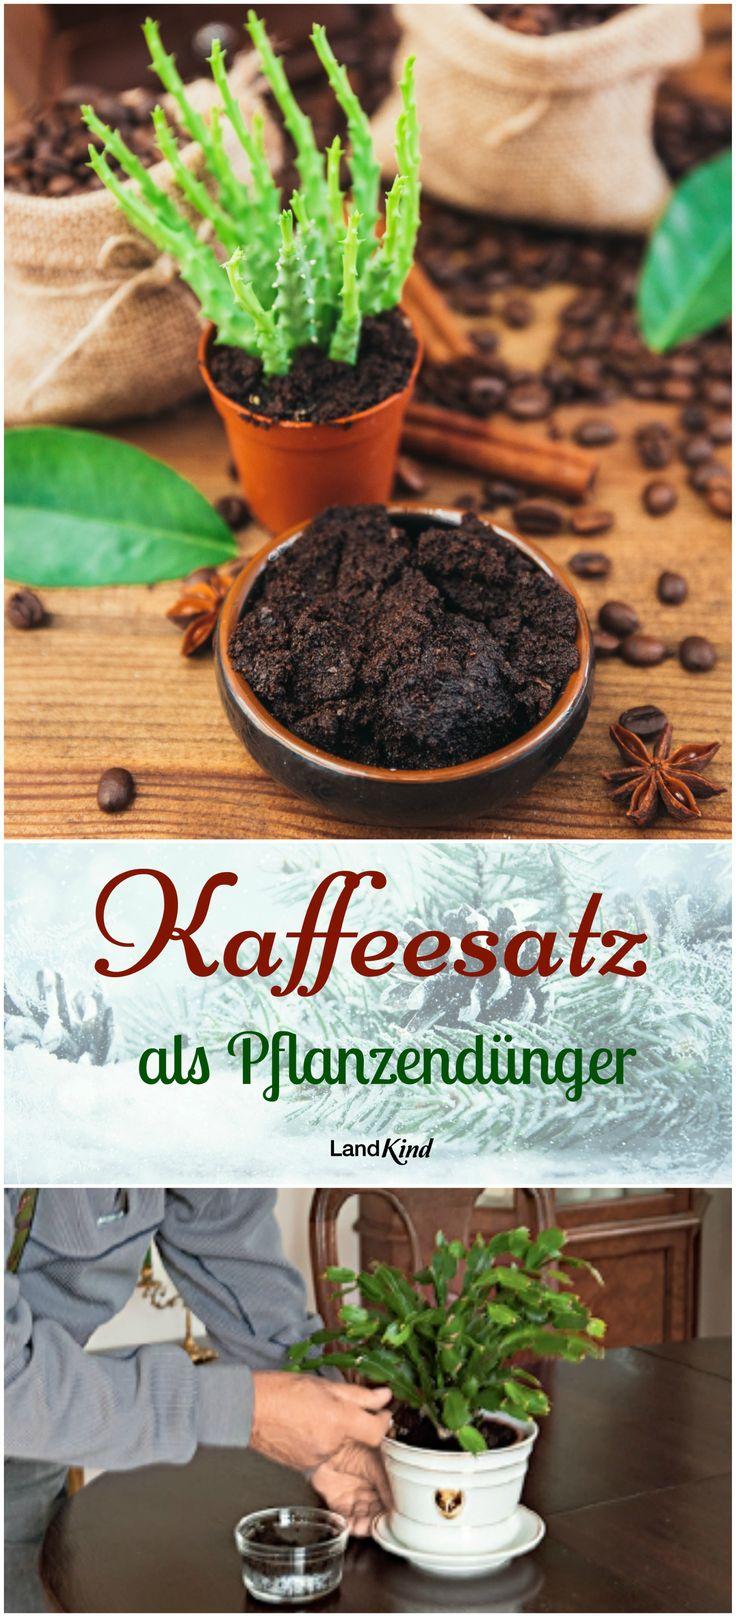 Ein altbewährter Pflanzendünger ist Kaffeesatz, denn er liefert reichlich Kalium, Phosphor und Stickstoff. Abgekühlter Kaffeesatz wird um die Pflanze verteilt und in den Boden eingearbeitet. Besser ist aber, schon vor dem Pflanzen oder Umtopfen die Blumenerde mit Kaffeesatz zu durchmischen. Auch kann ein Teelöffel Kaffeesatz in ca. 1 l Gießwasser gegeben werden. Dann muss sehr darauf geachtet werden, dass keine Pulverreste auf den Blättern liegen bleiben.